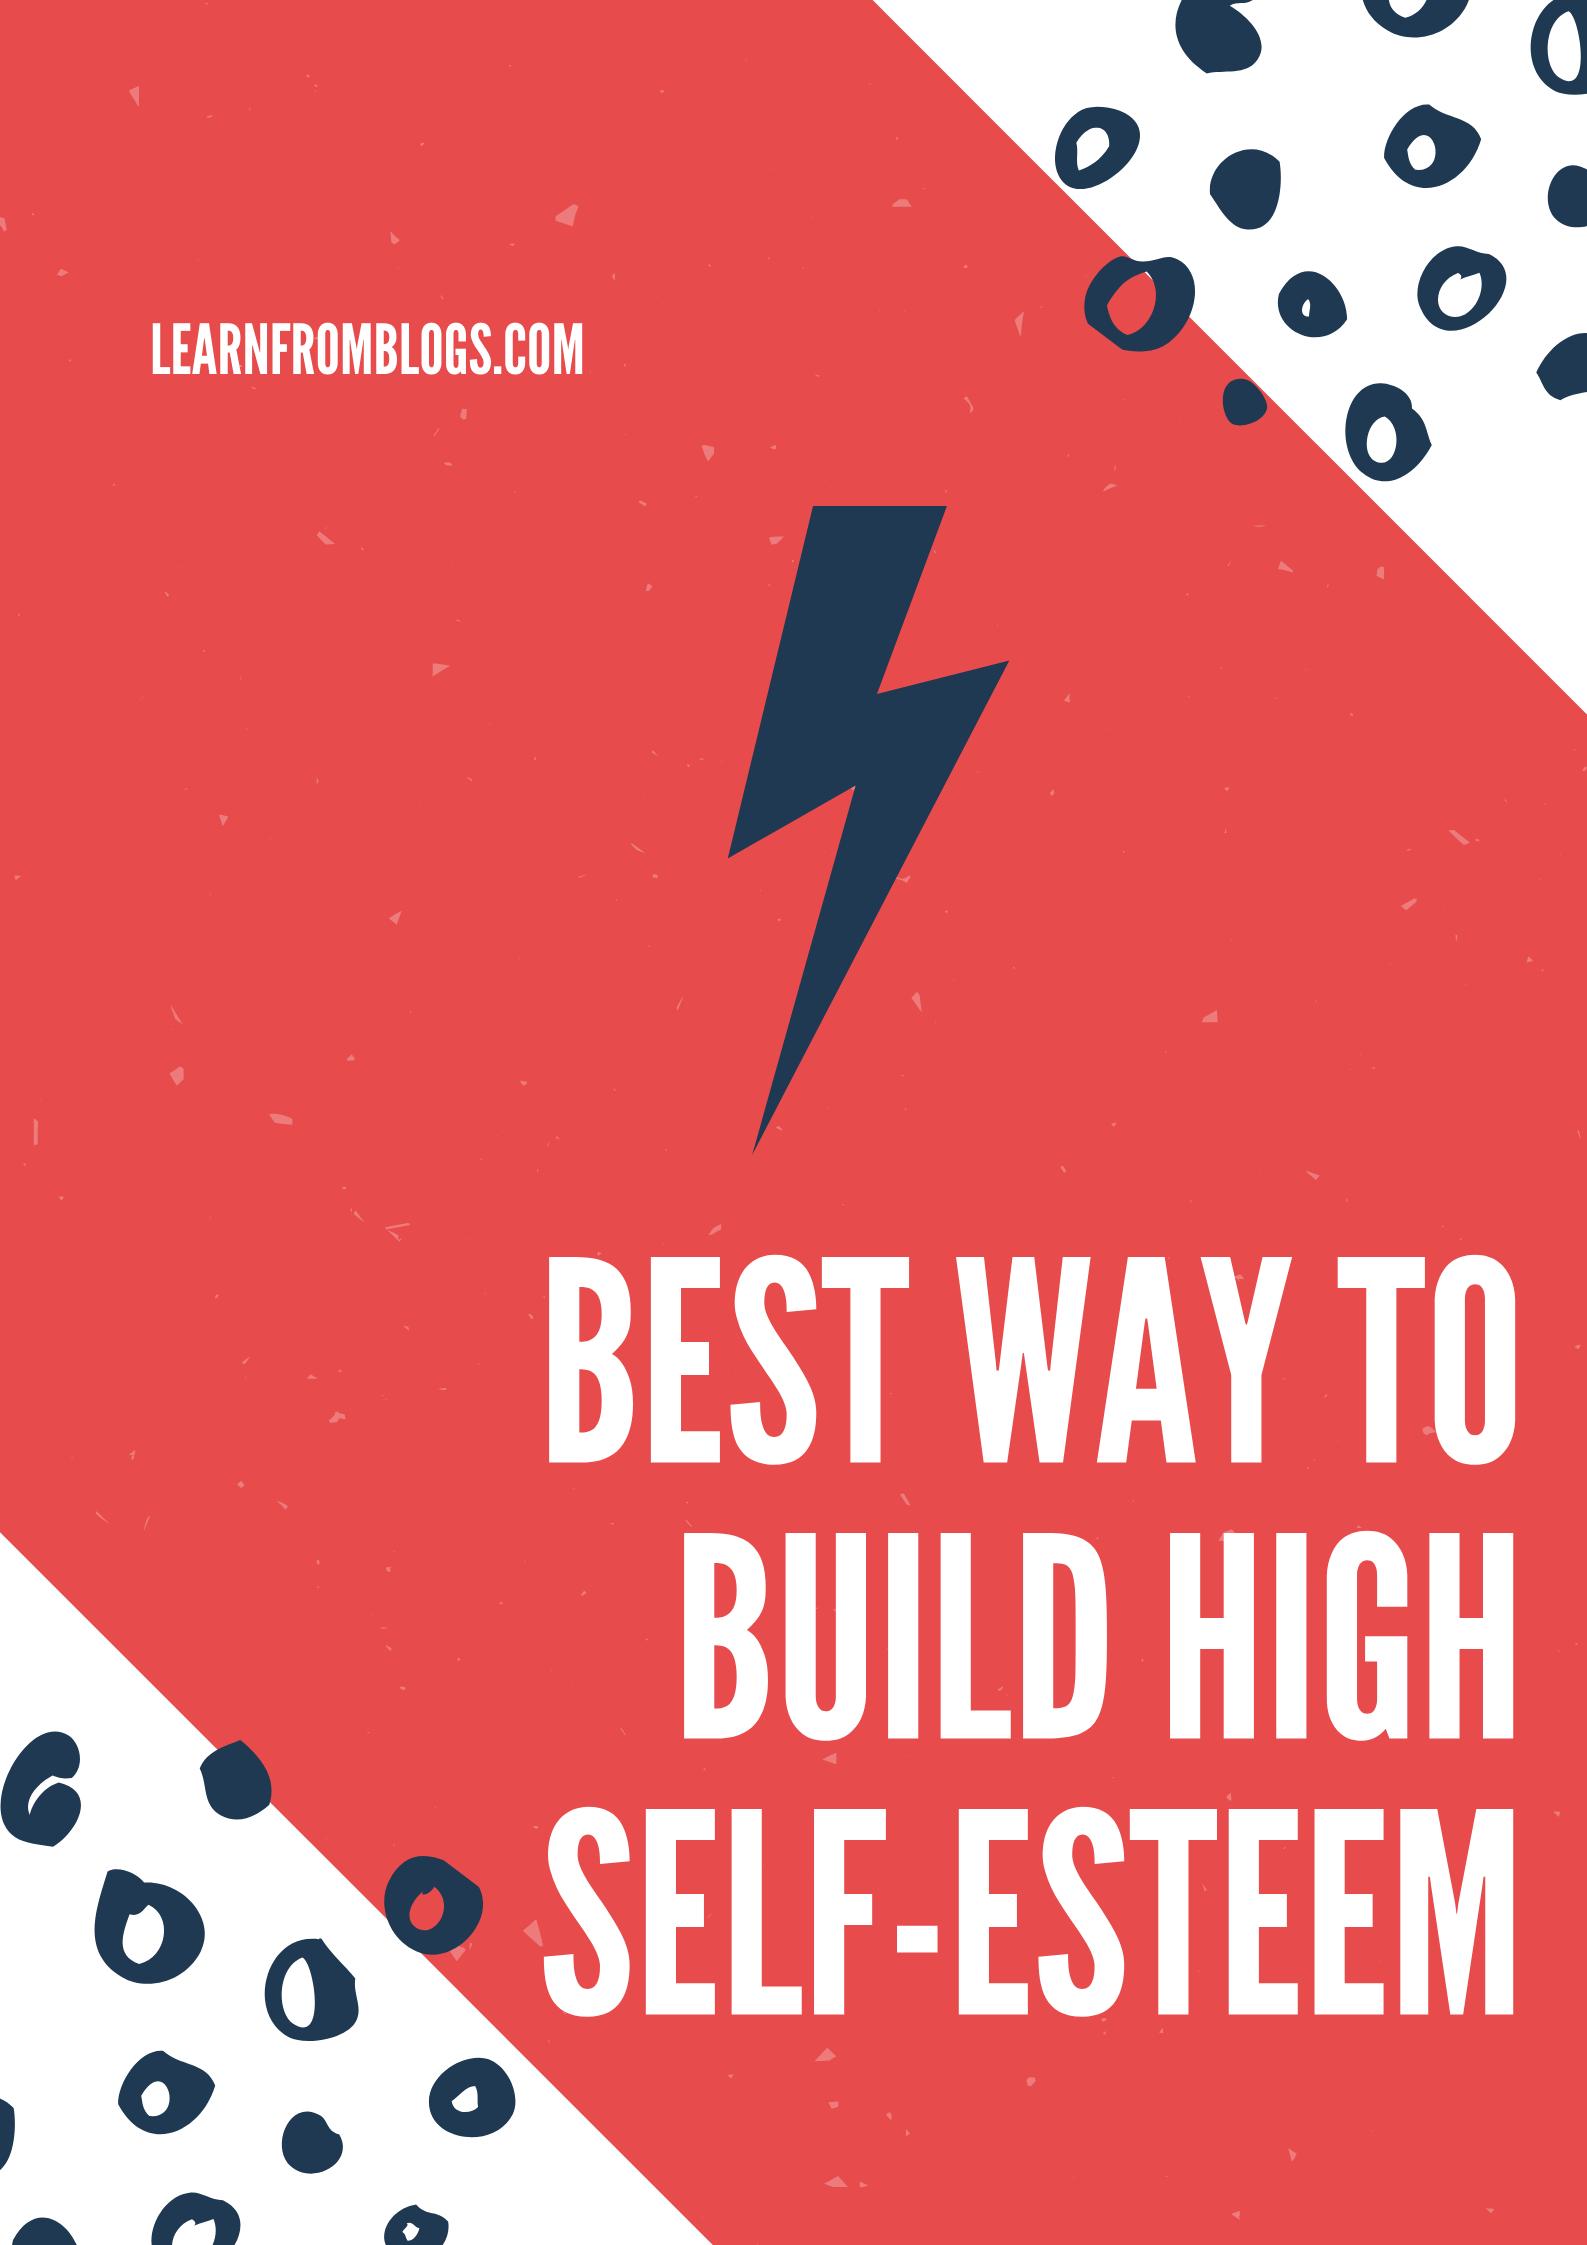 Best Way To Build High Self-Esteem.png